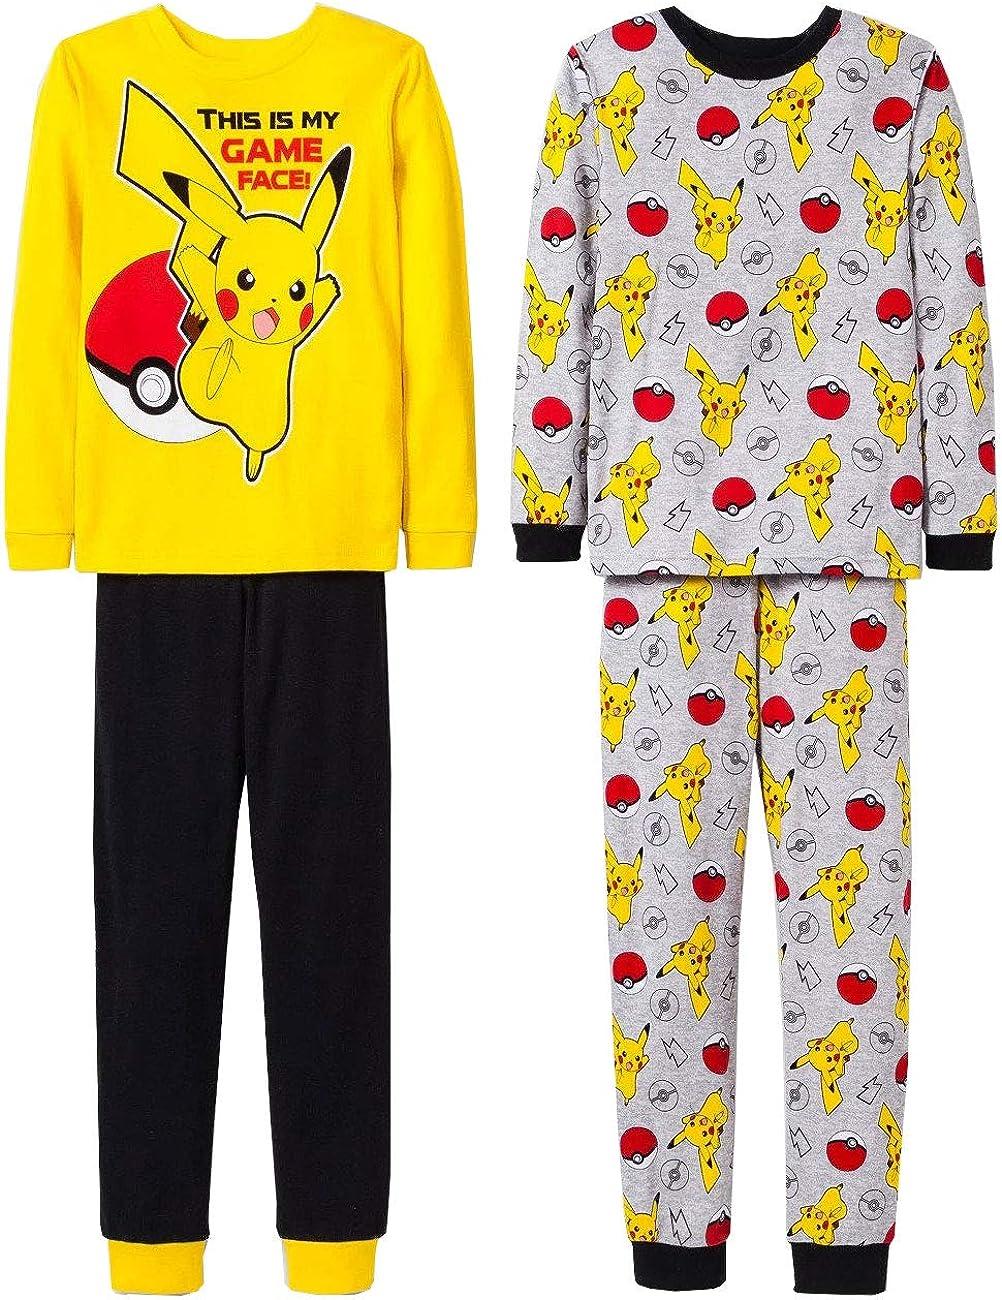 Pokèmon Pikachu hero poke pijama conjunto para niños 4 pieza 6 Multicolor: Amazon.es: Ropa y accesorios